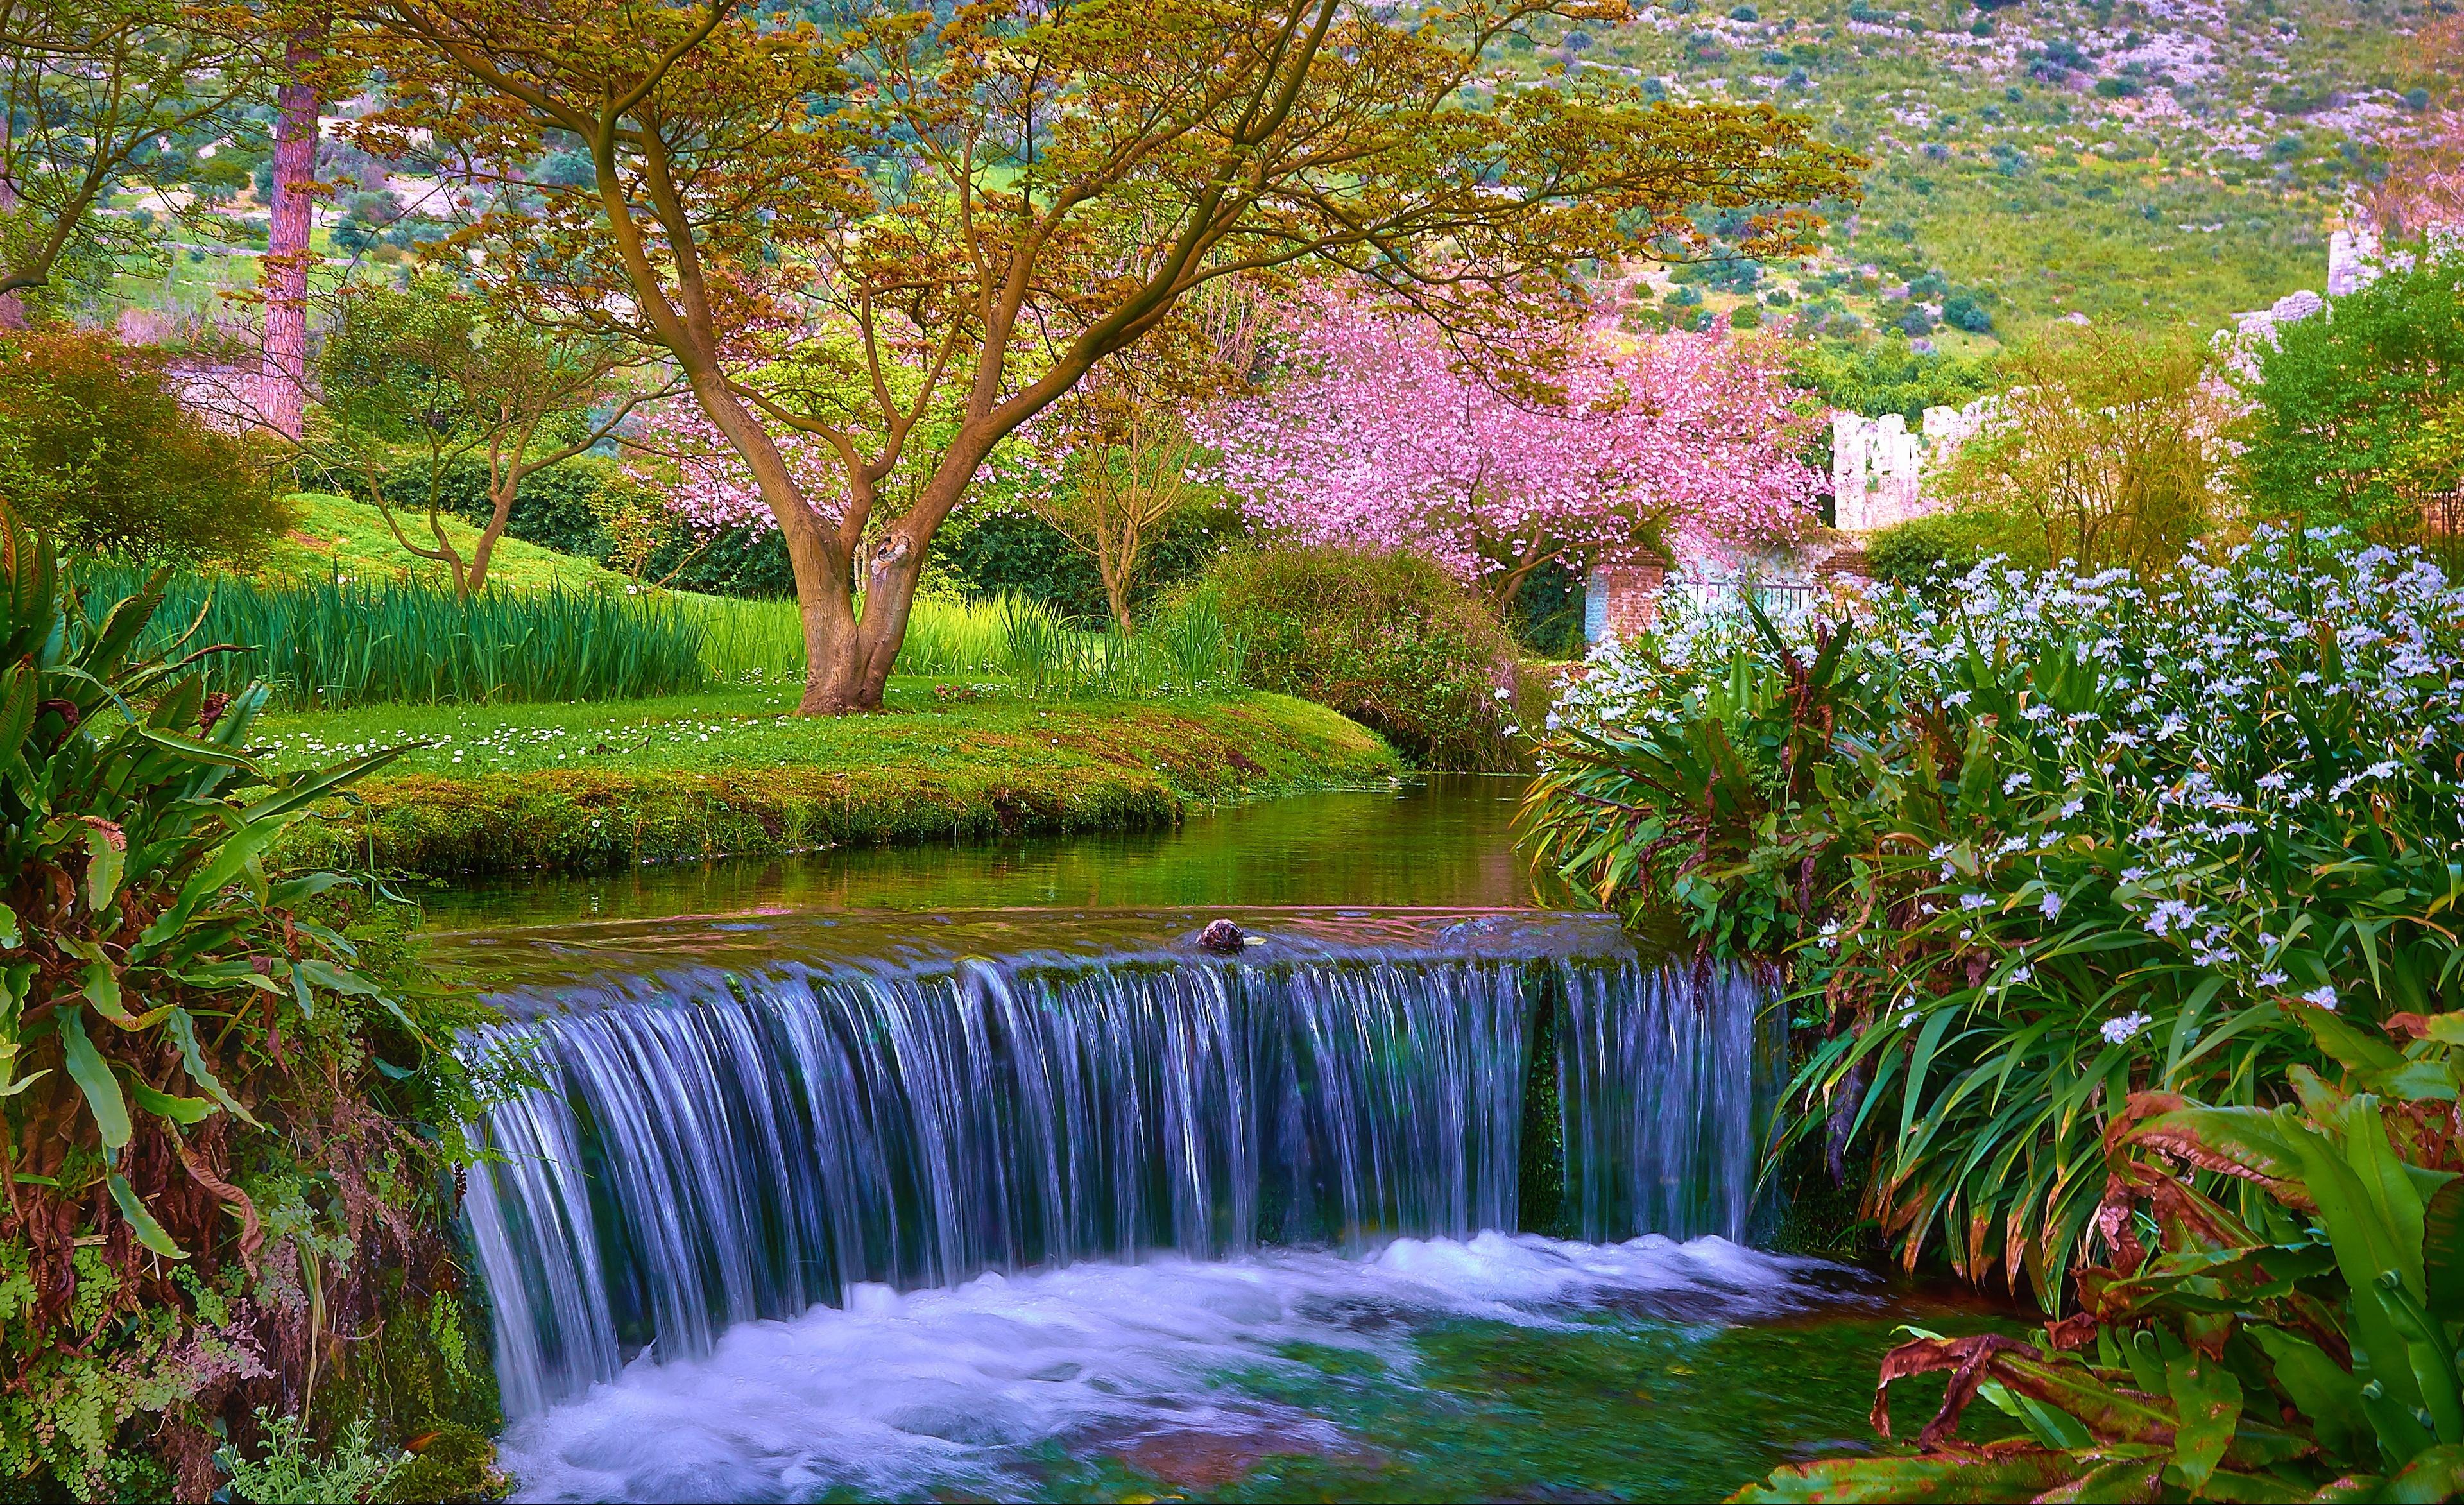 водопад среди деревьев  № 373567 бесплатно